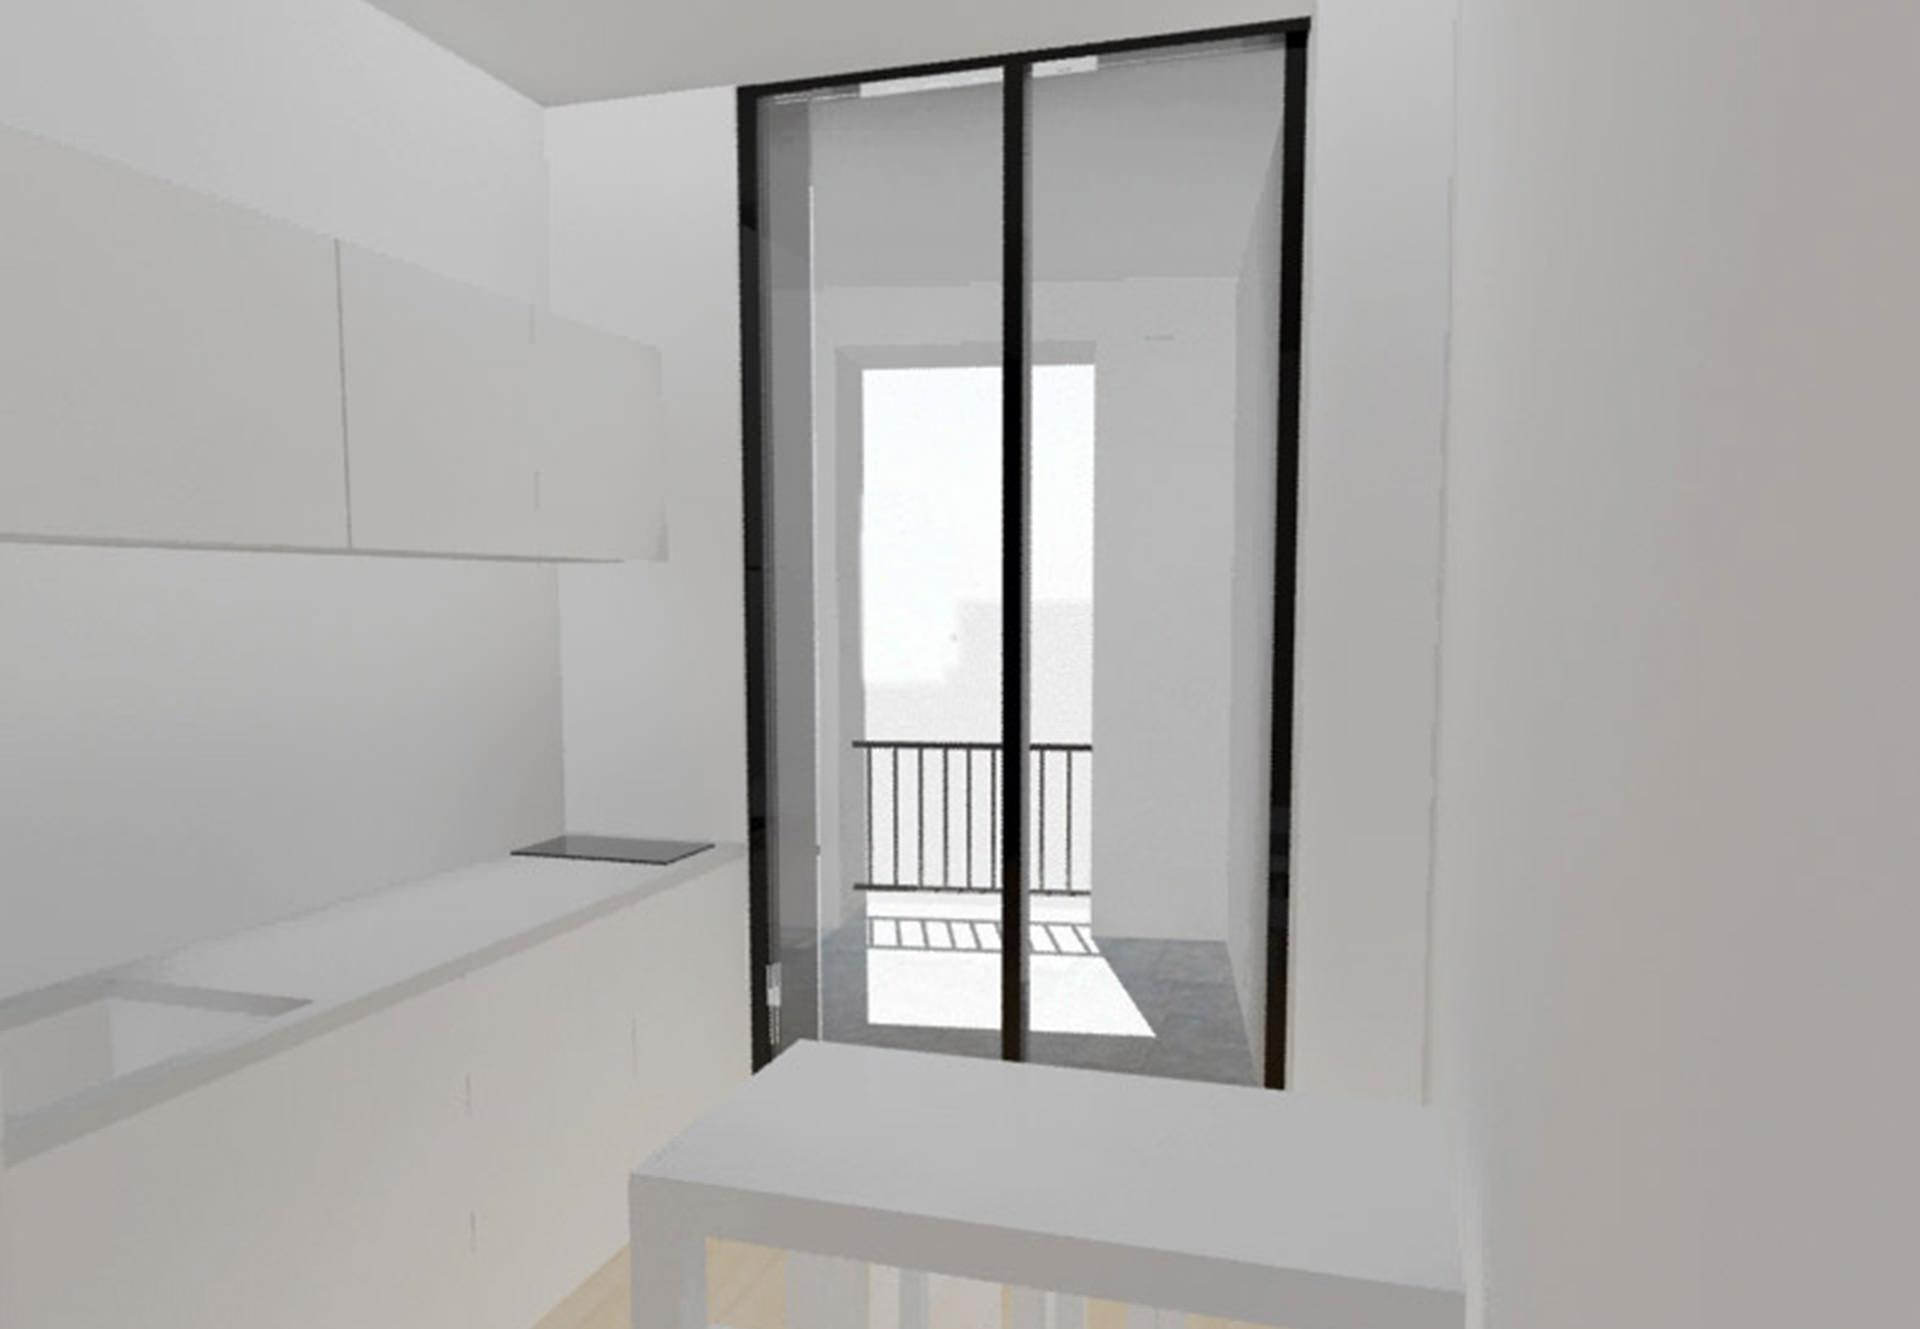 architecte r habilitation de logement pour tudiants nice centre. Black Bedroom Furniture Sets. Home Design Ideas